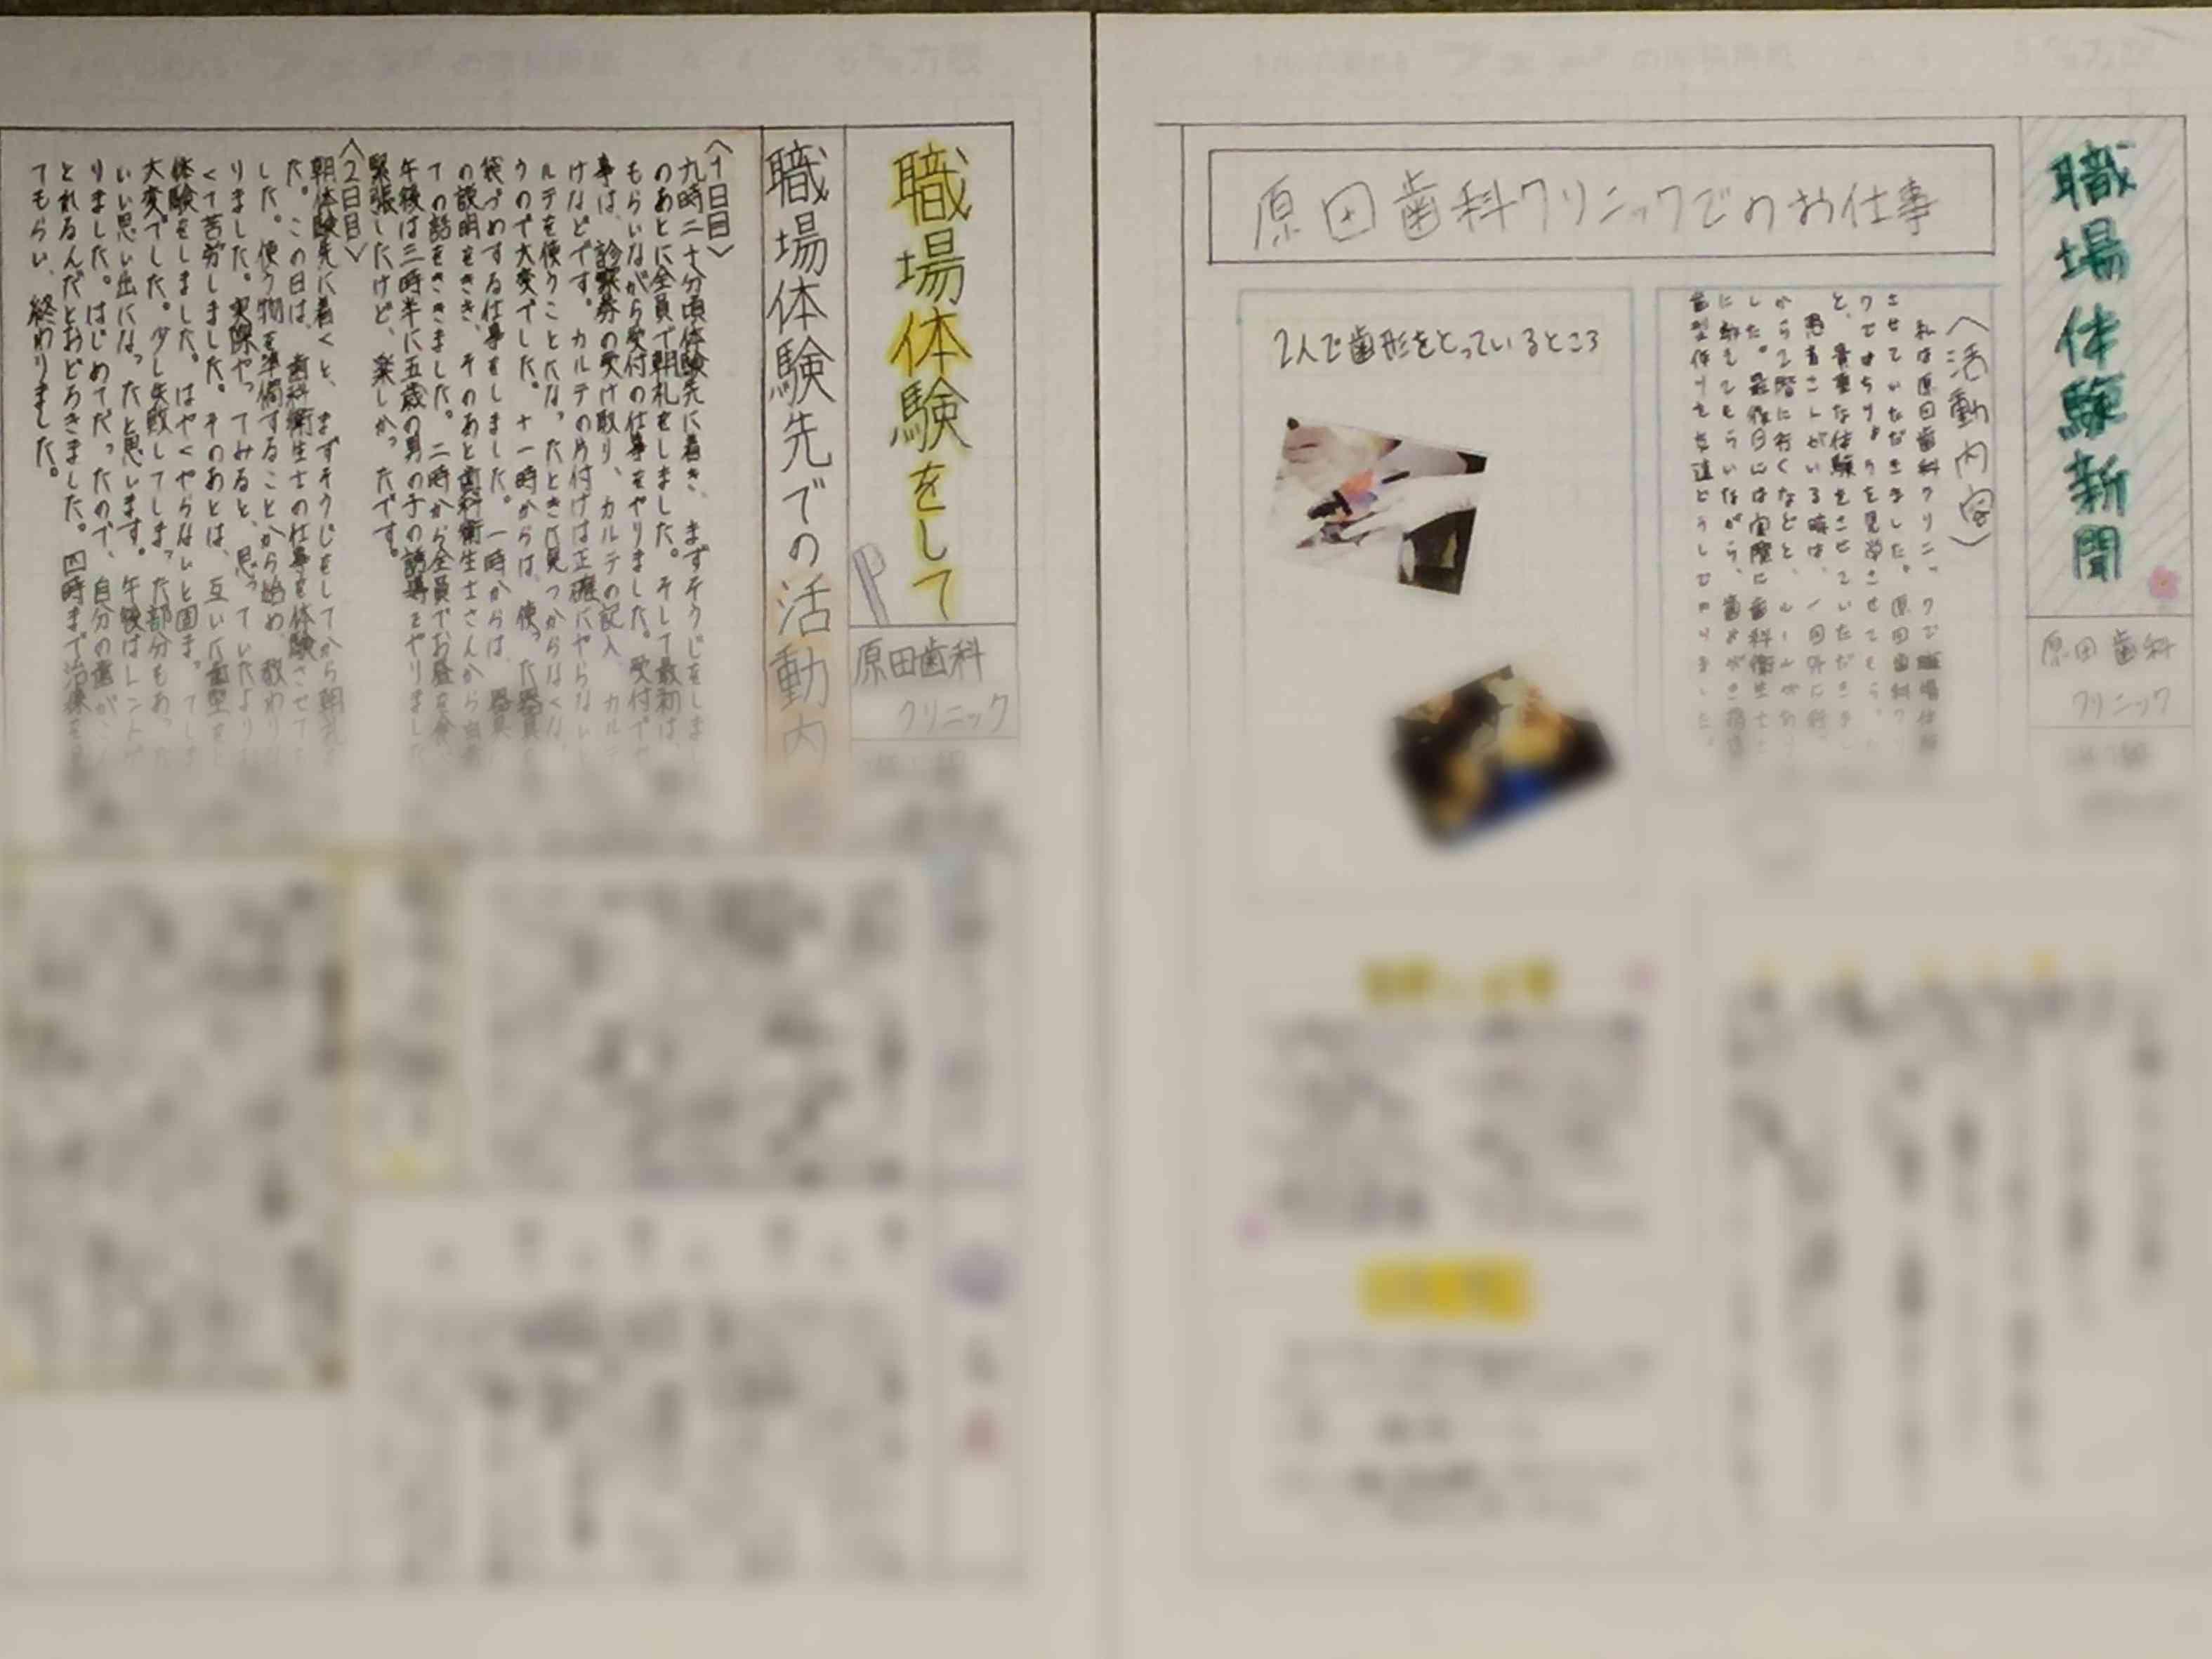 職場体験_求人募集用_加曽利中_sぼかし_小小_compressed.jpg